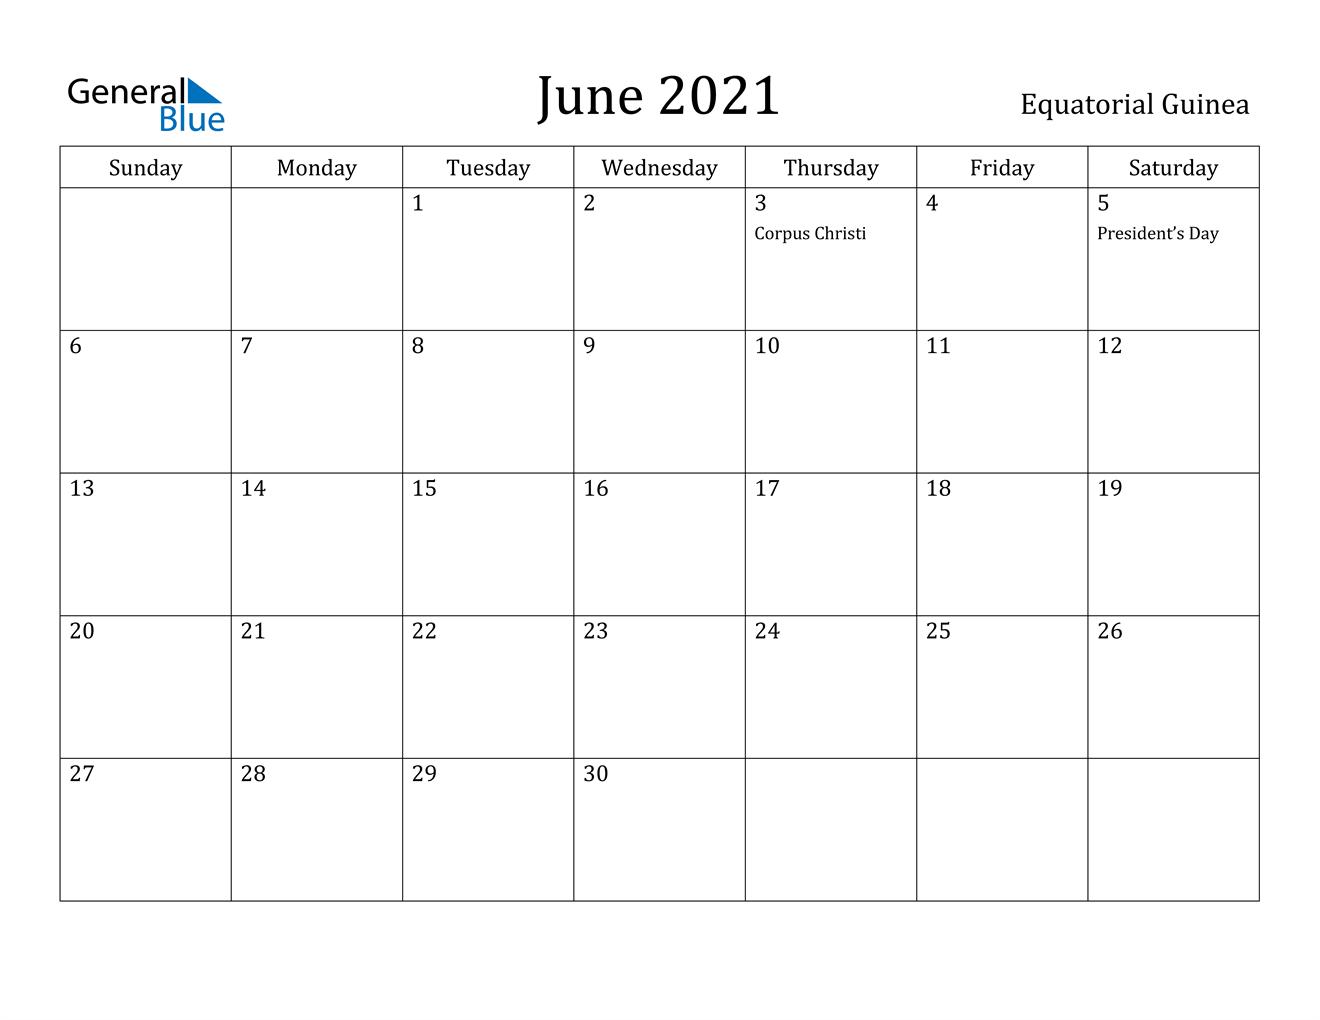 June 2021 Calendar - Equatorial Guinea